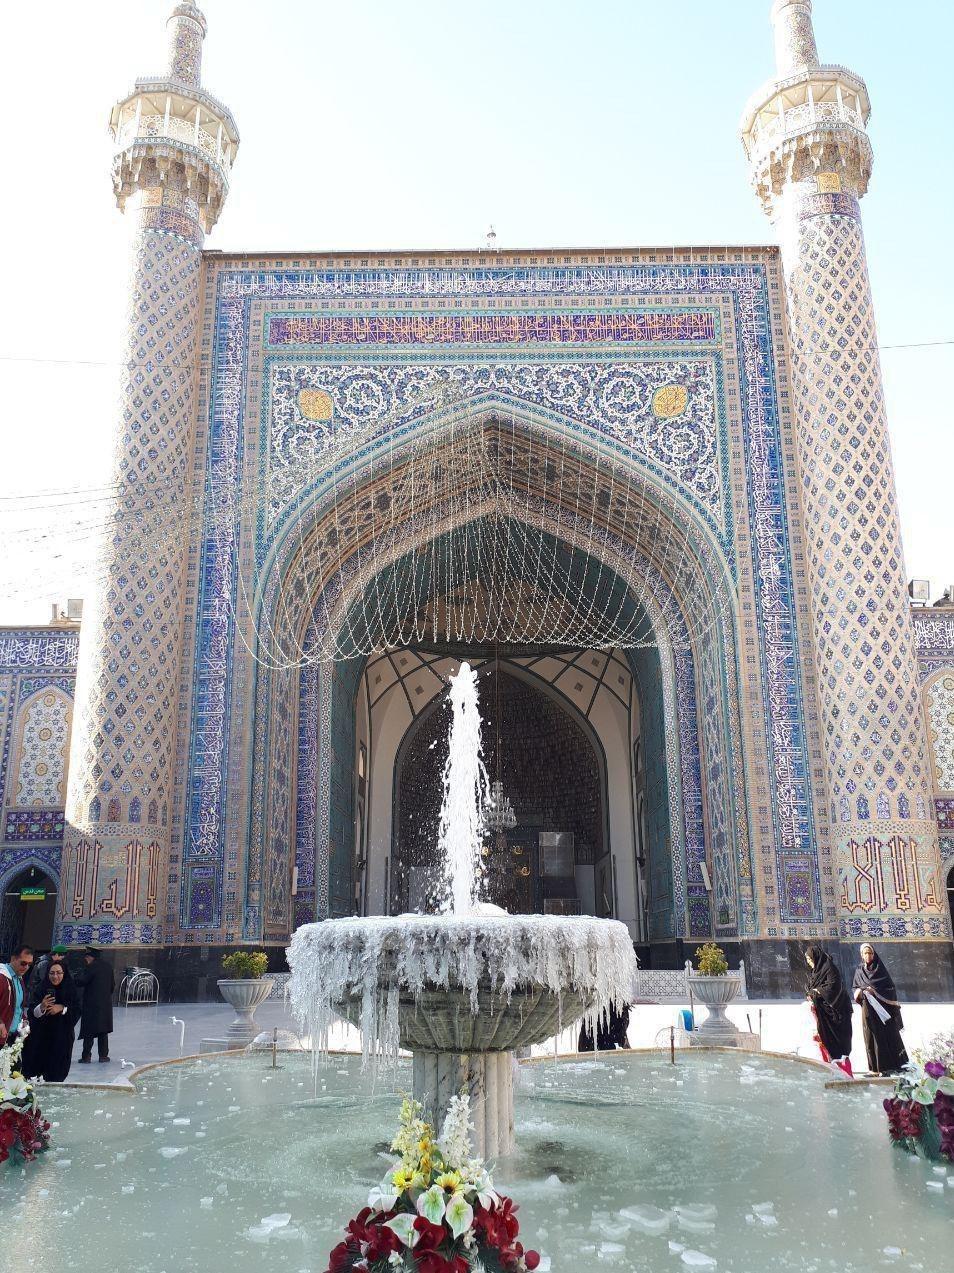 مهمانپذیر شیبانی نژاد در مشهد | مشهدسرا - 979